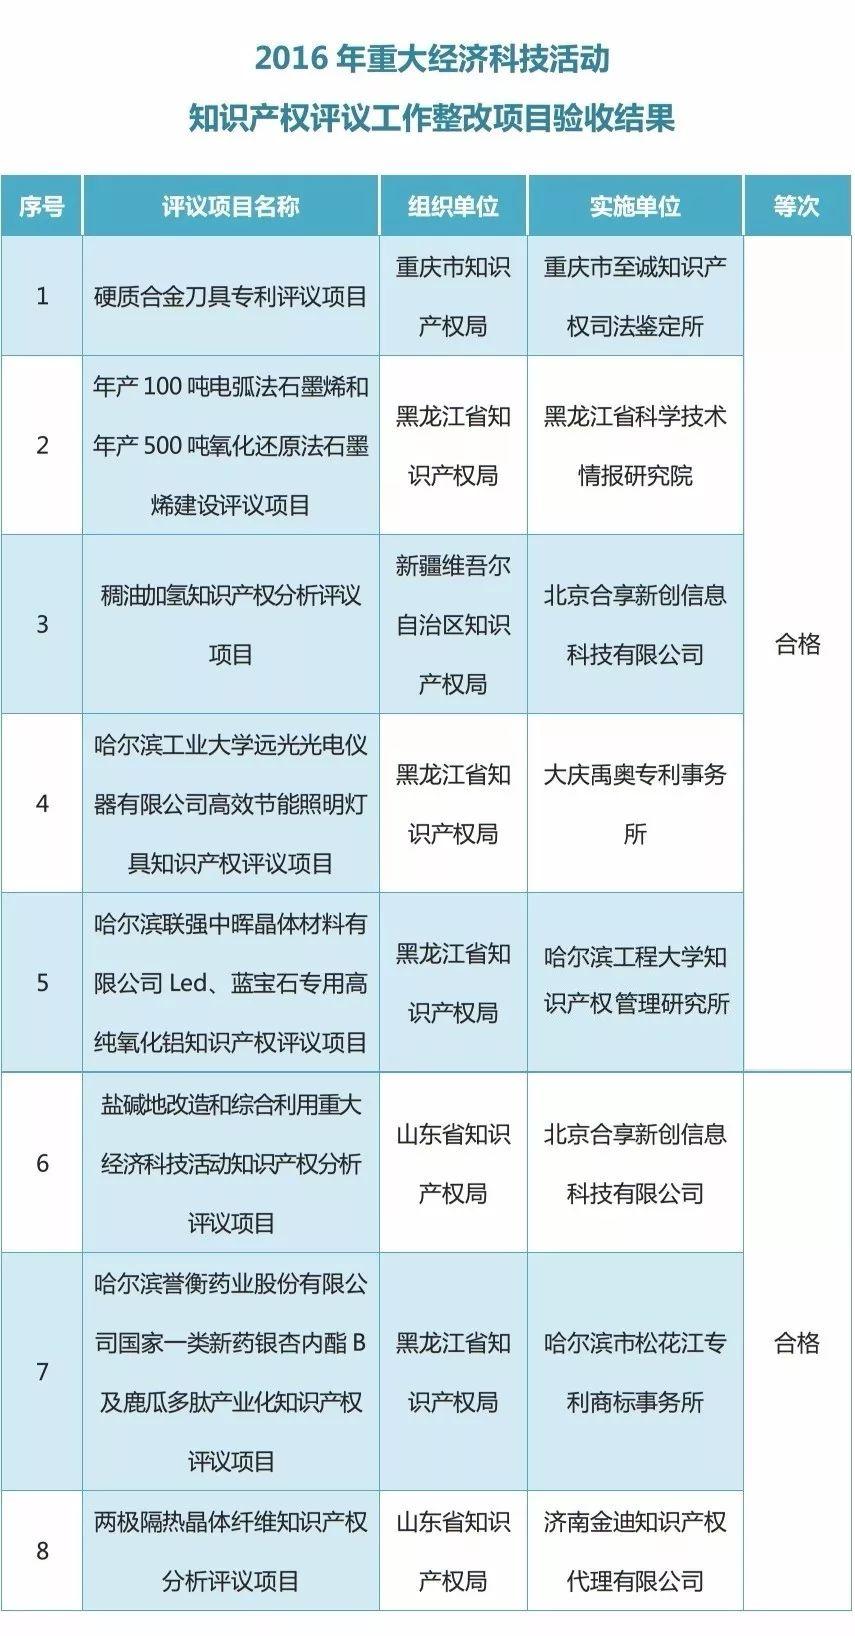 2016年重大经济科技活动知识产权评议工作整改项目验收结果公布